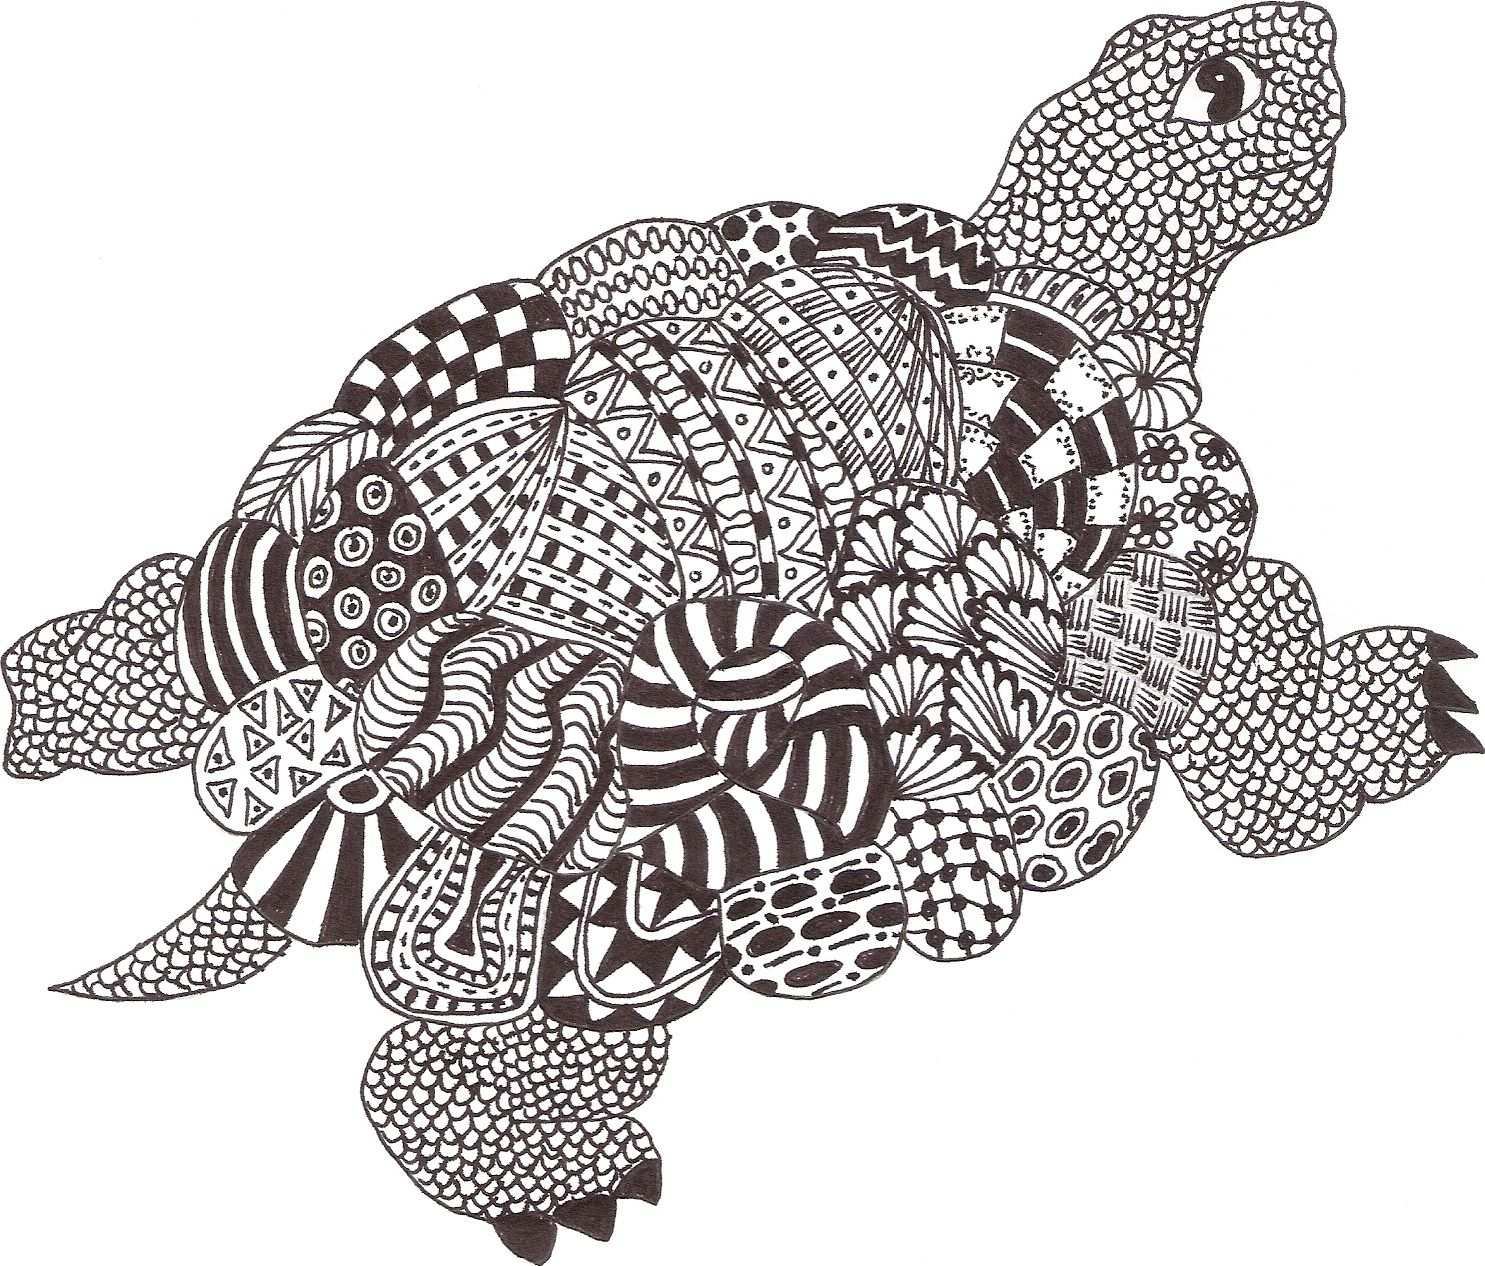 Zentangle Made By Mariska Den Boer 06 Dengan Gambar Kura Kura